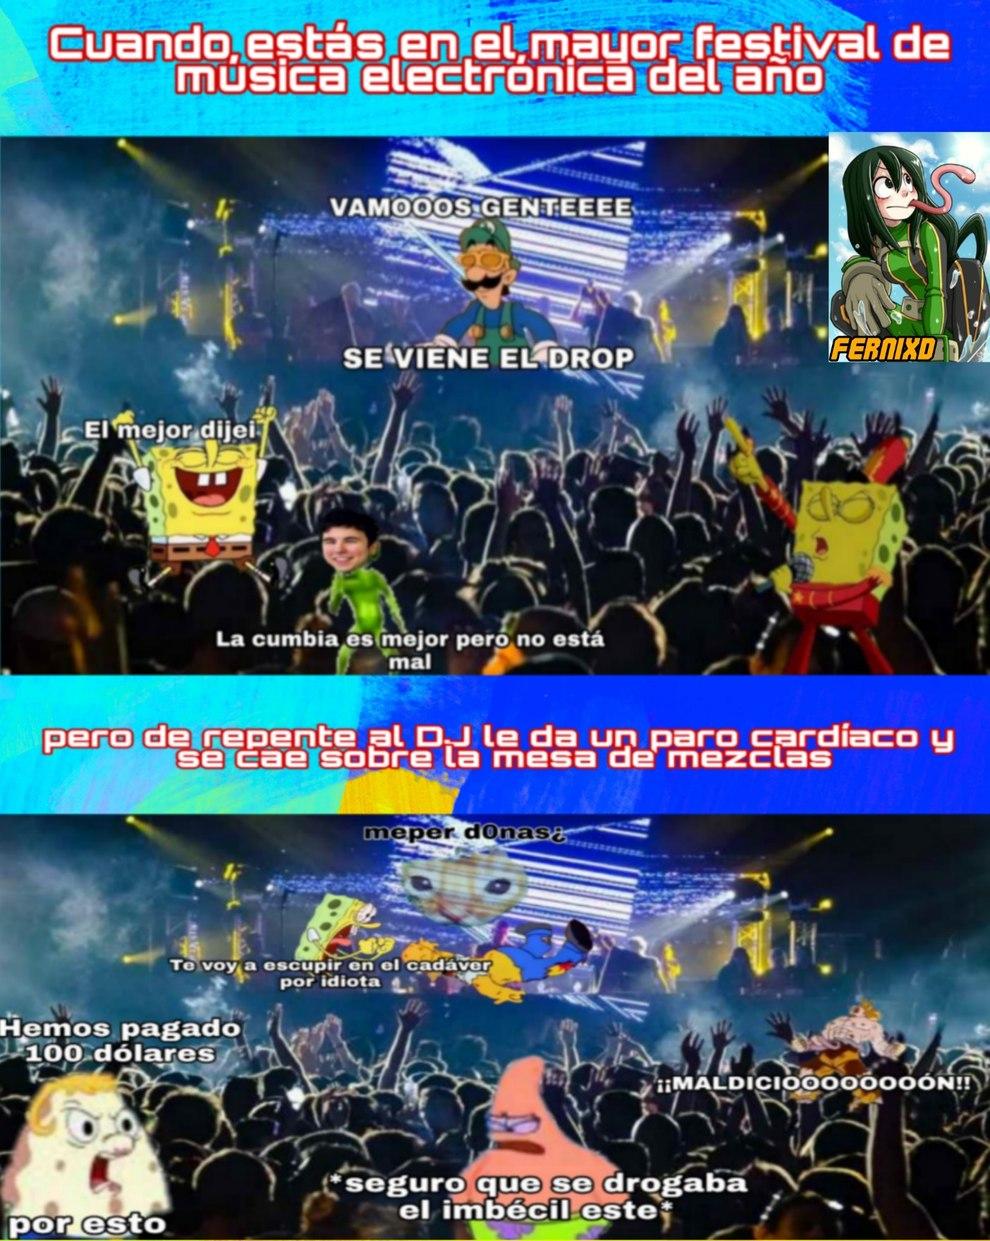 Nunca me ha pasado porque no he estado en festivales :yaoming: - meme